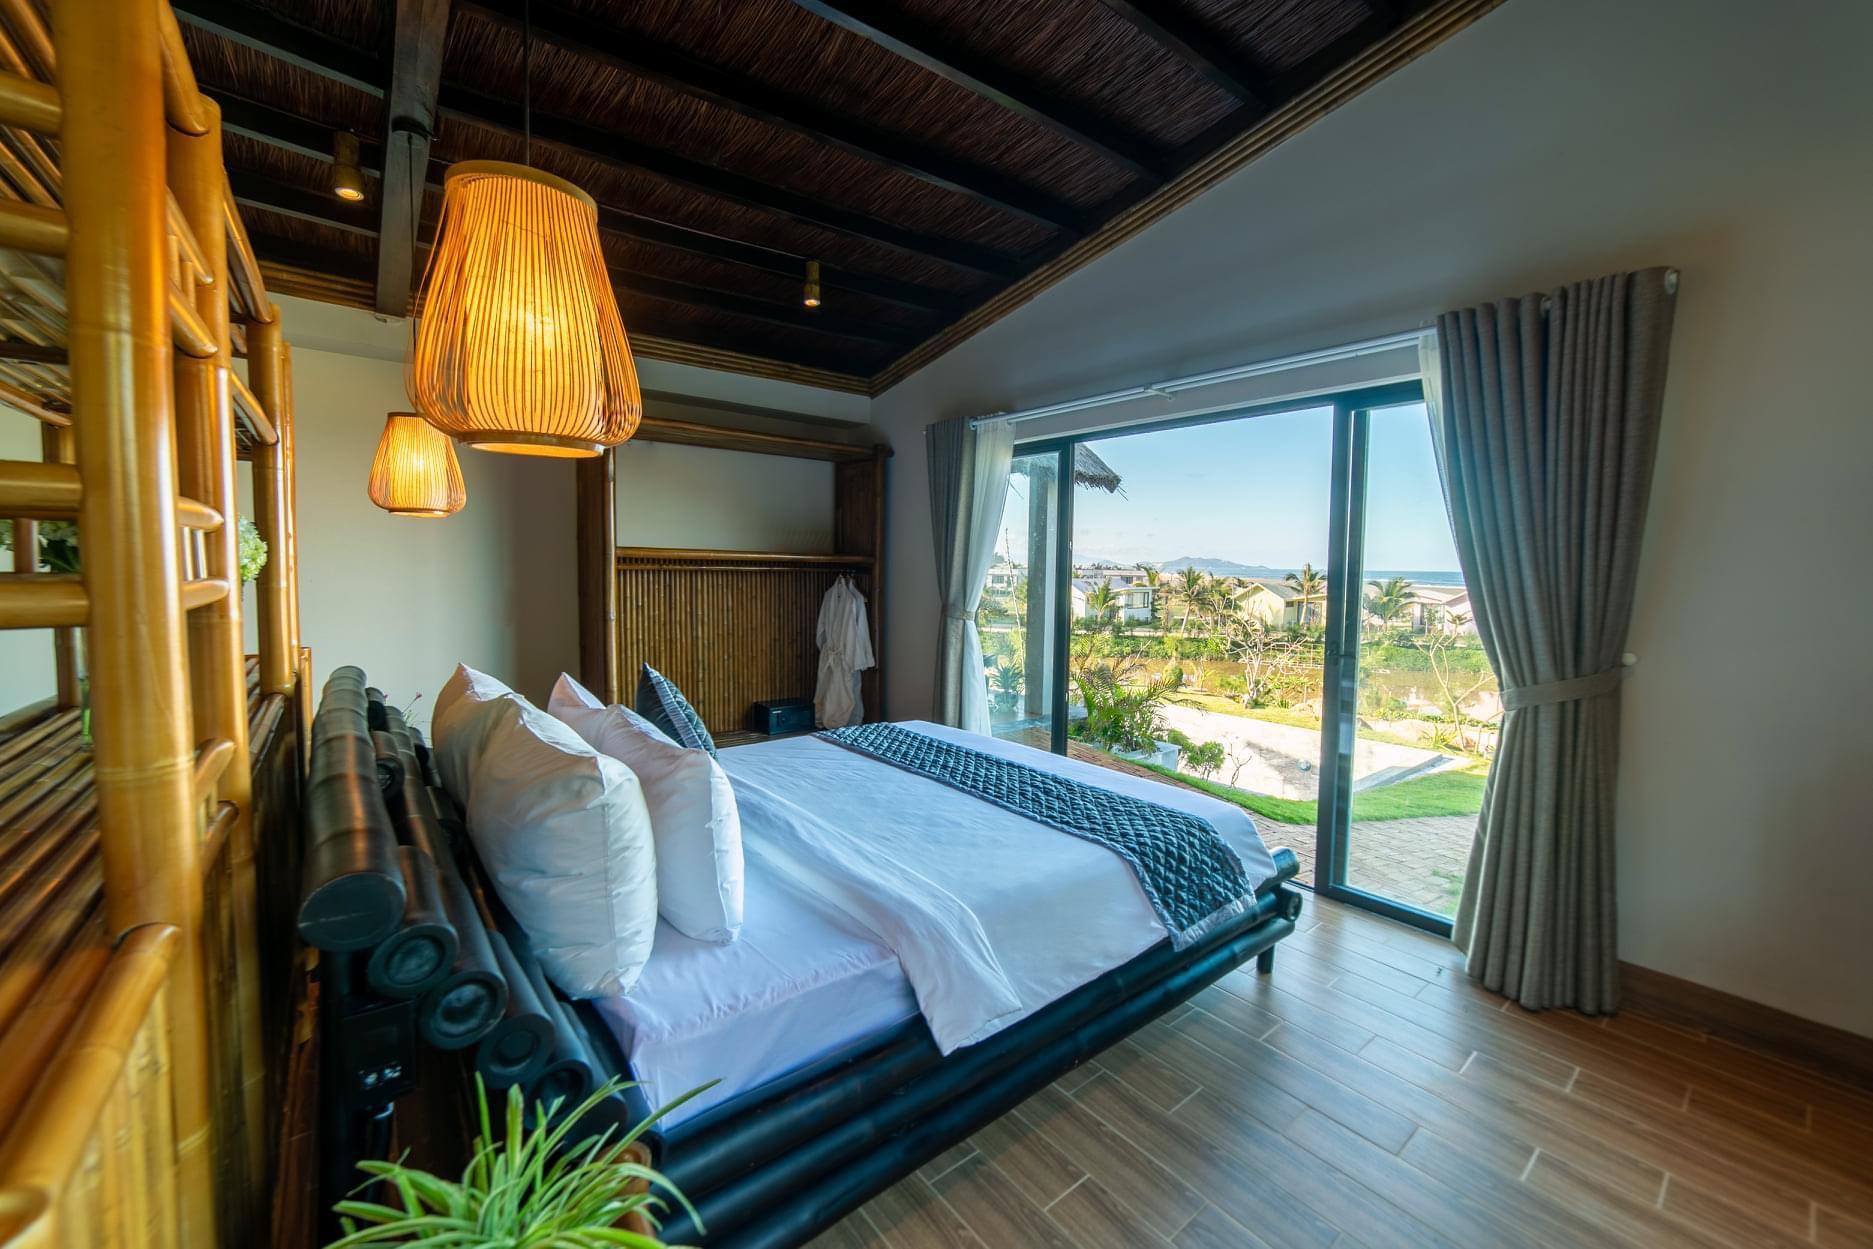 Resort Vu Nam Quy Nhơn – Có Bãi Tắm Riêng